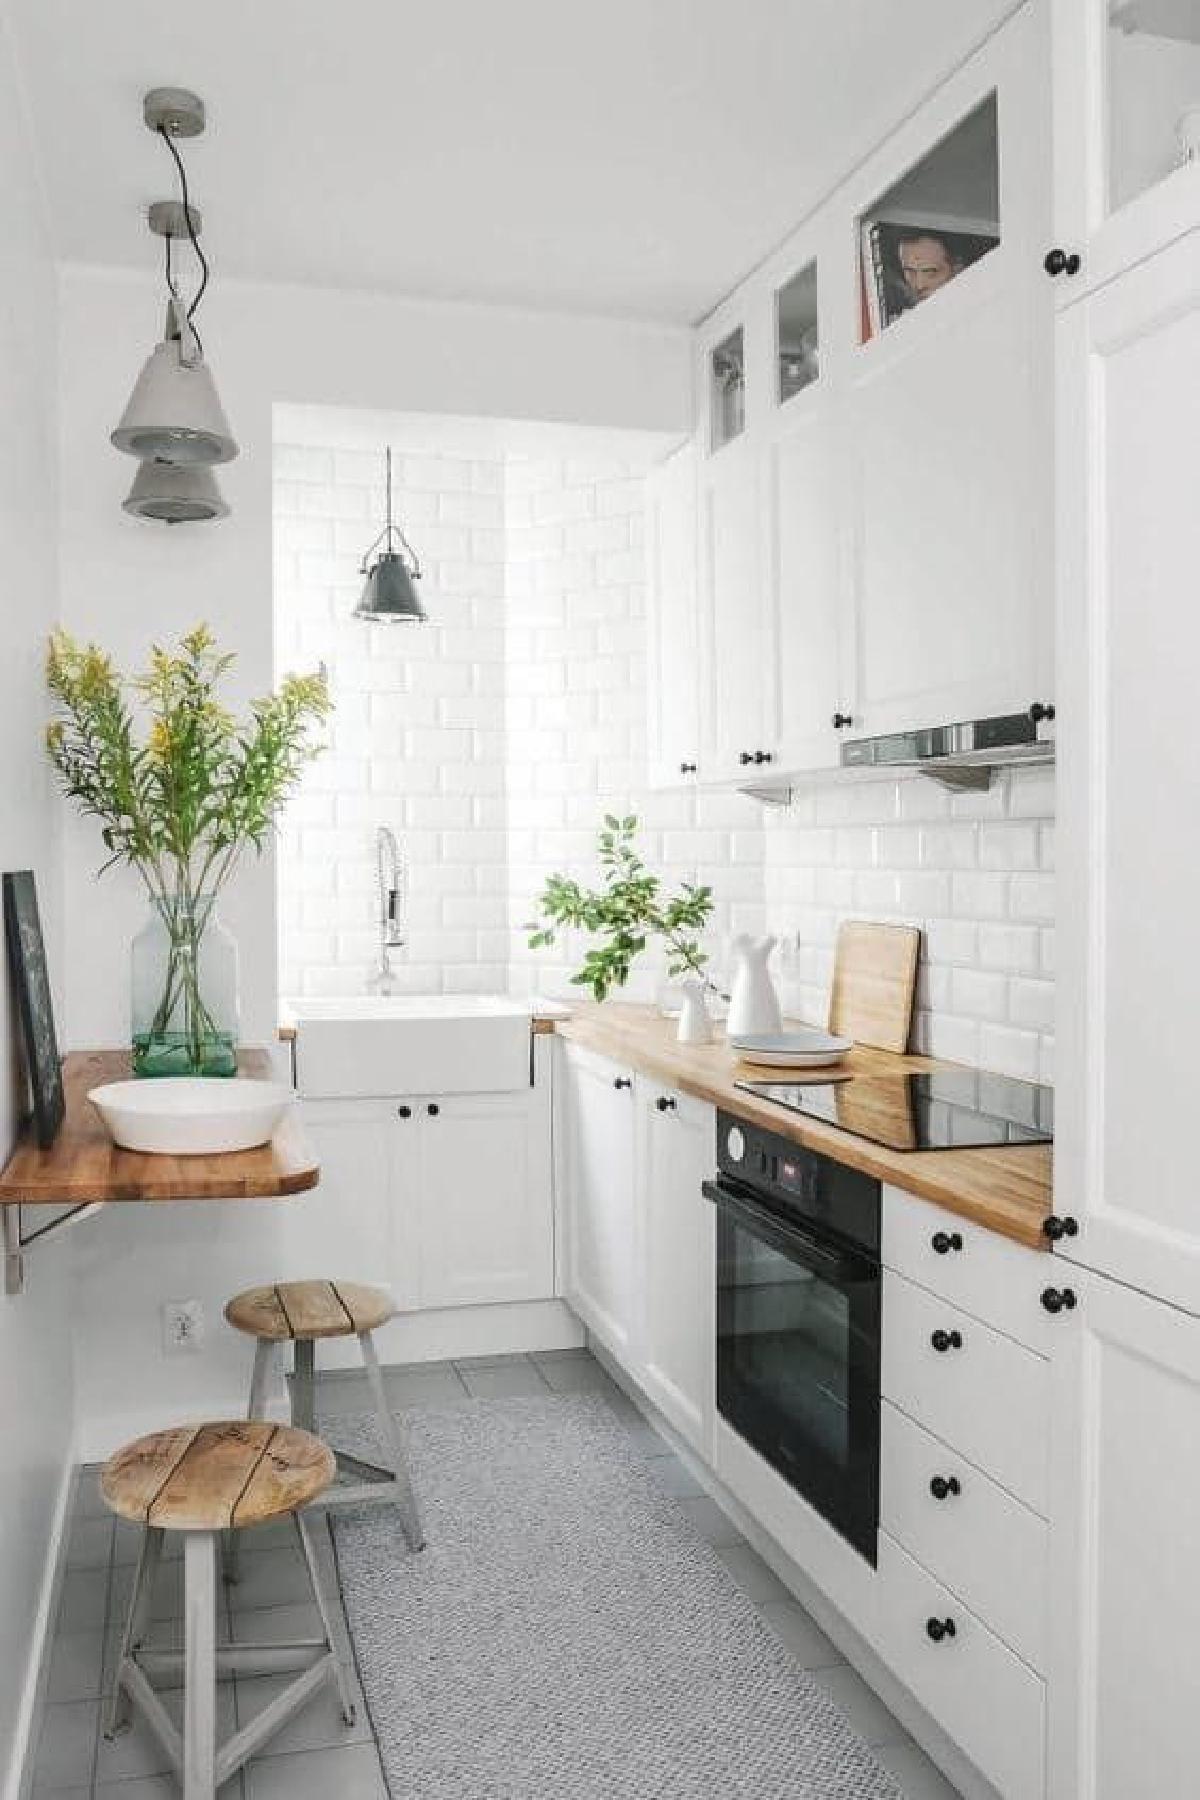 Inspiring White Kitchen Design Ideas With Luxury Accent 20